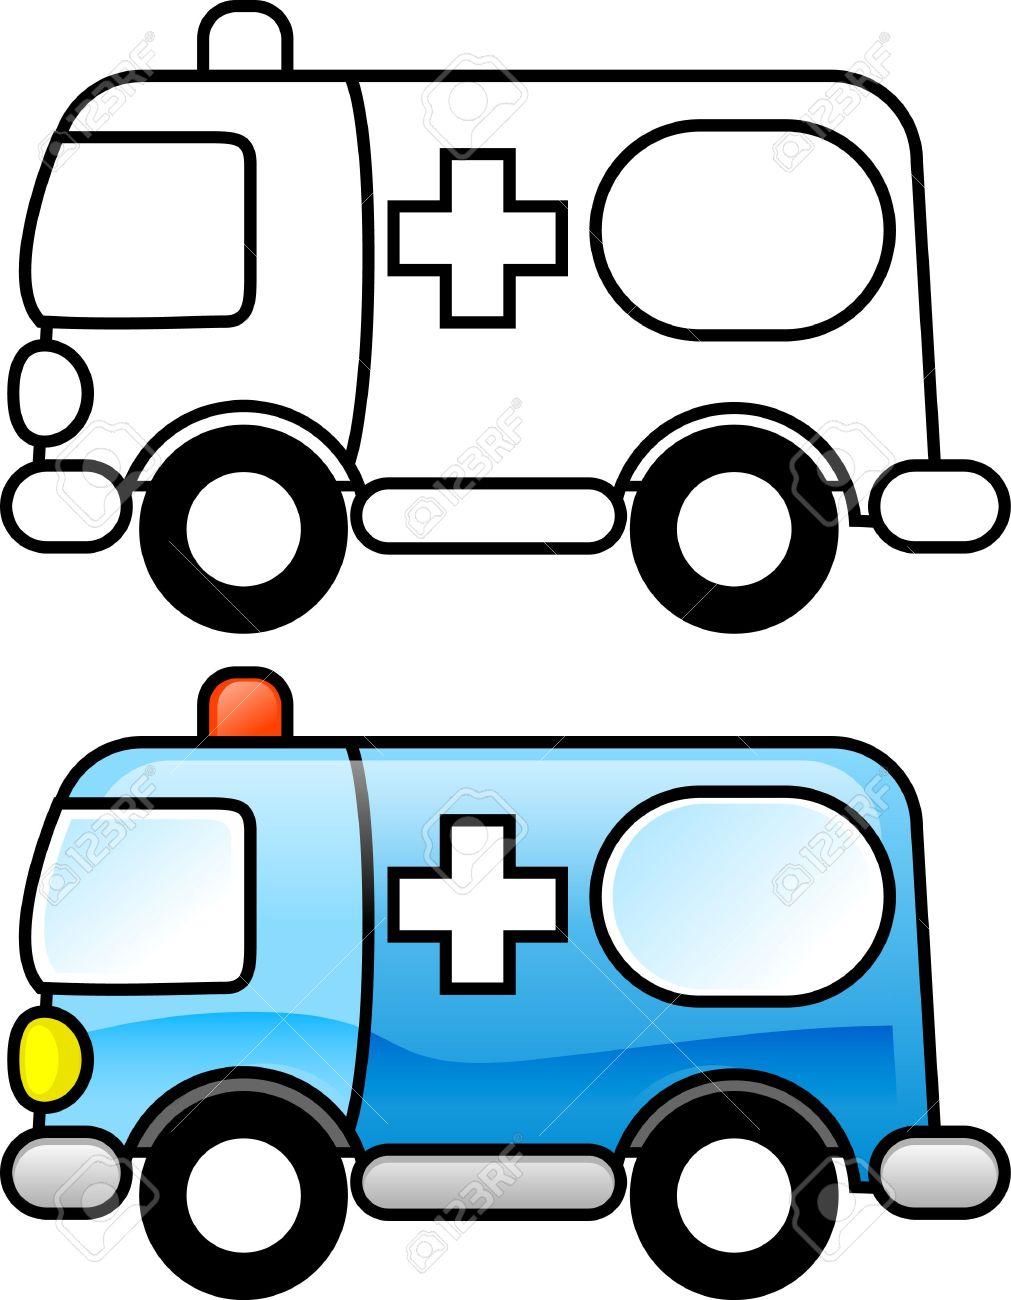 Ambulancias - Para Imprimir La Página Para Colorear Para Los Niños O ...